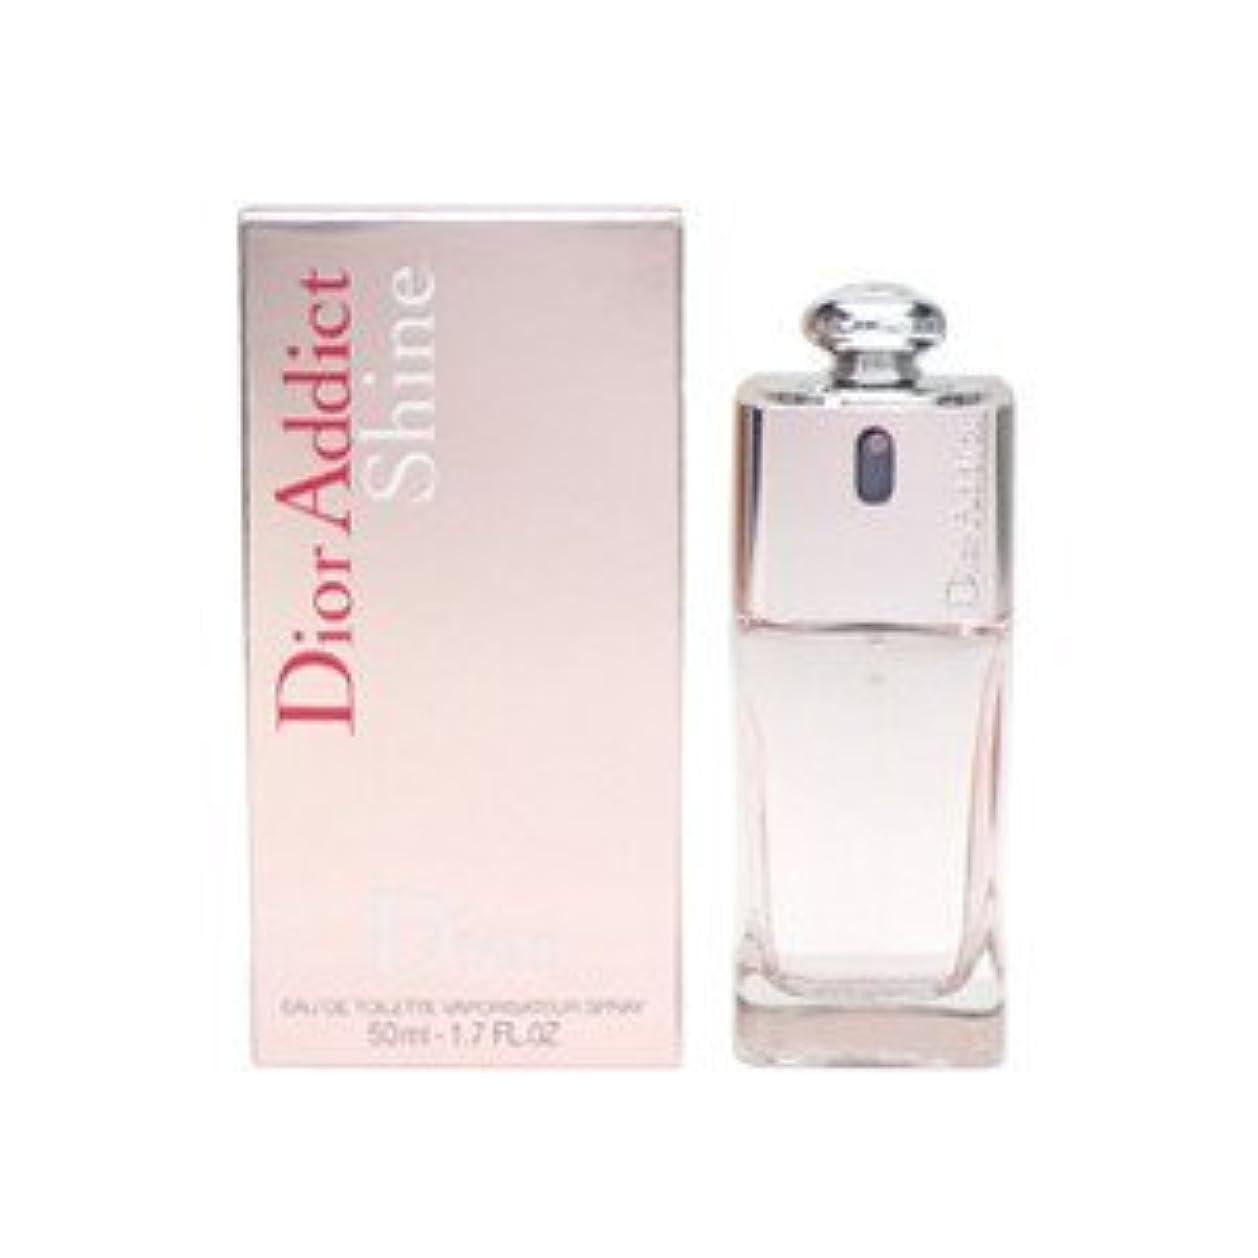 ランチョン徴収でるクリスチャン ディオール(Christian Dior) アディクトシャイン 50ml[並行輸入品]